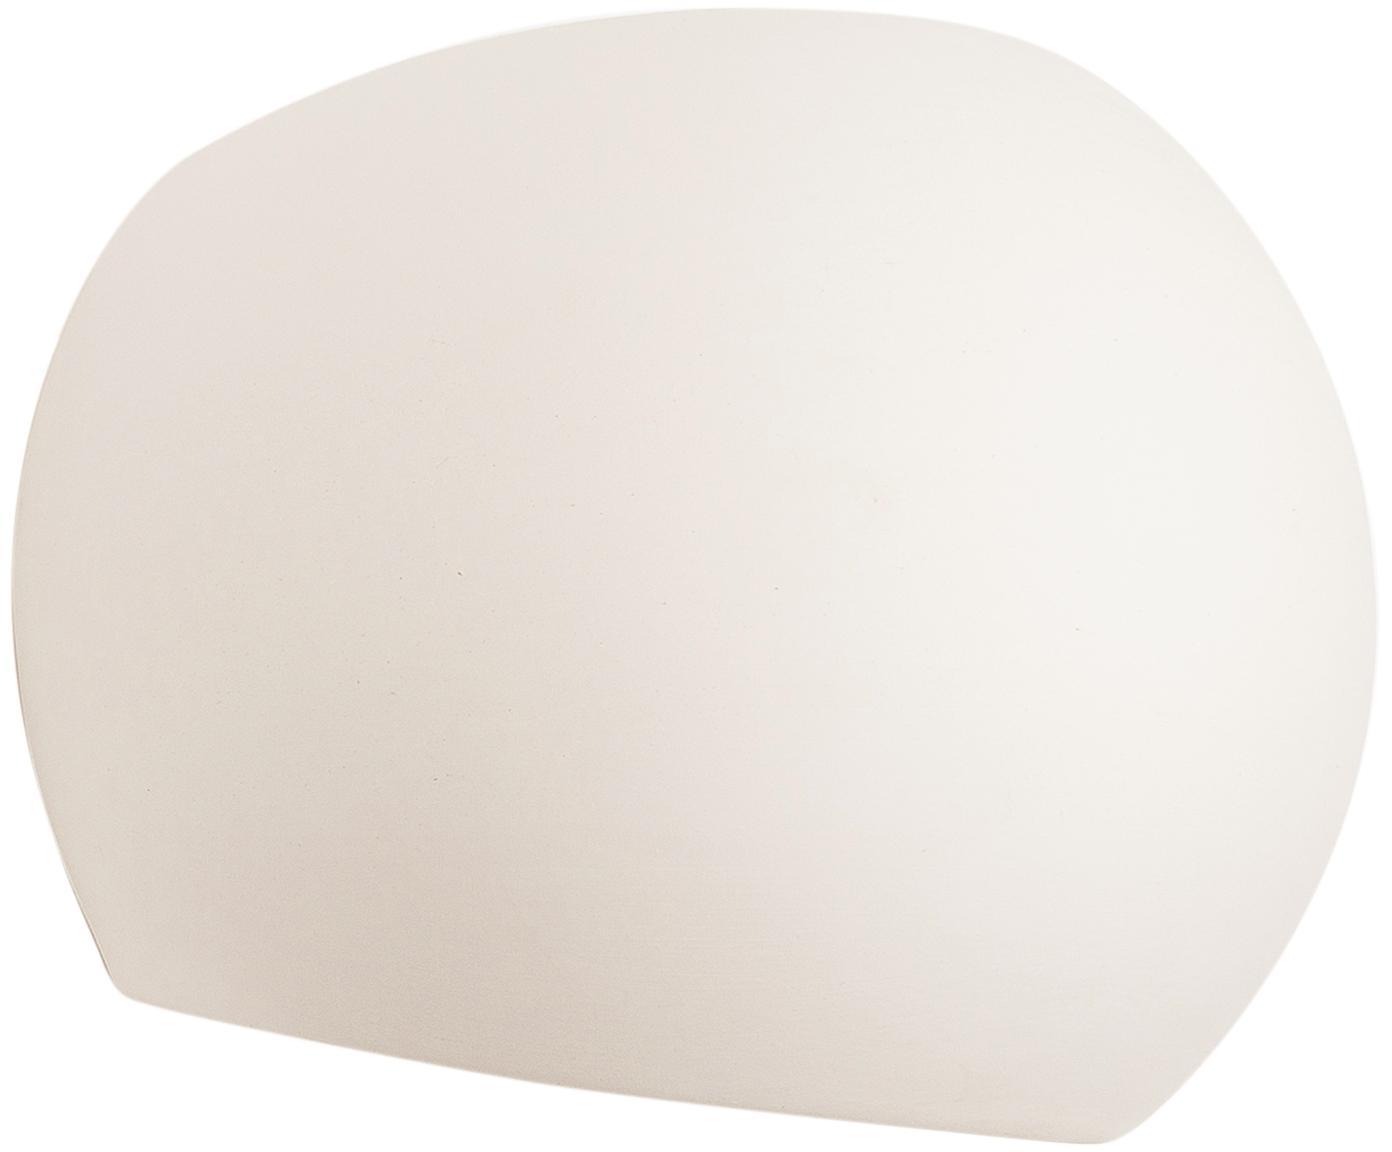 Kinkiet Mercury, Biały, S 20 x W 18 cm